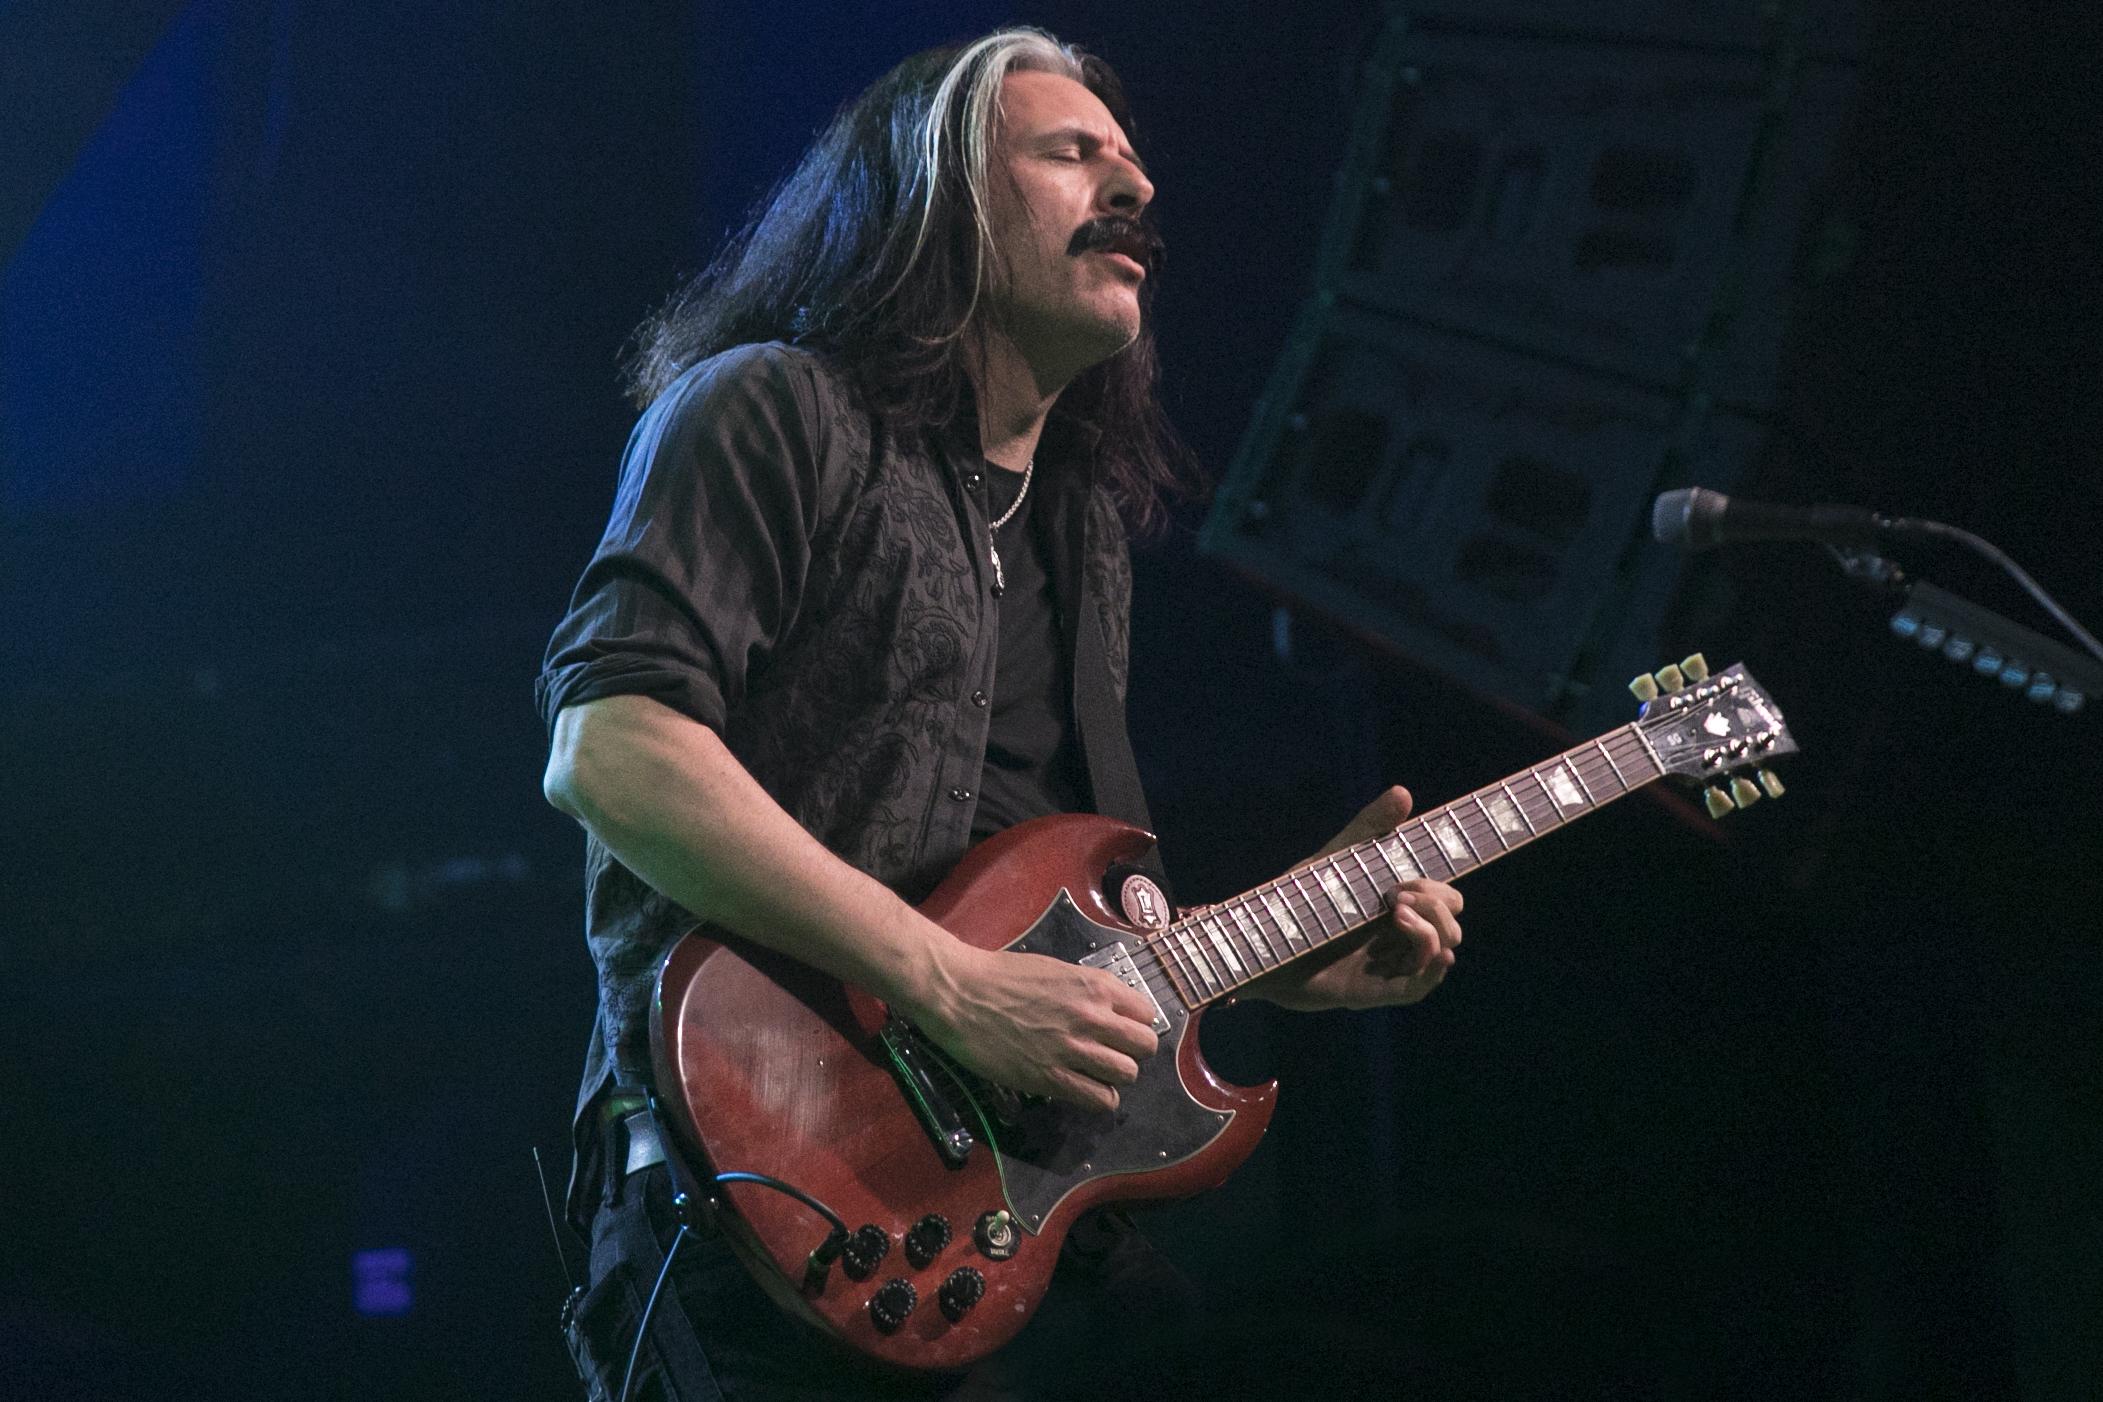 Alex Skolnick performs with Metal Allegiance in Anaheim, California